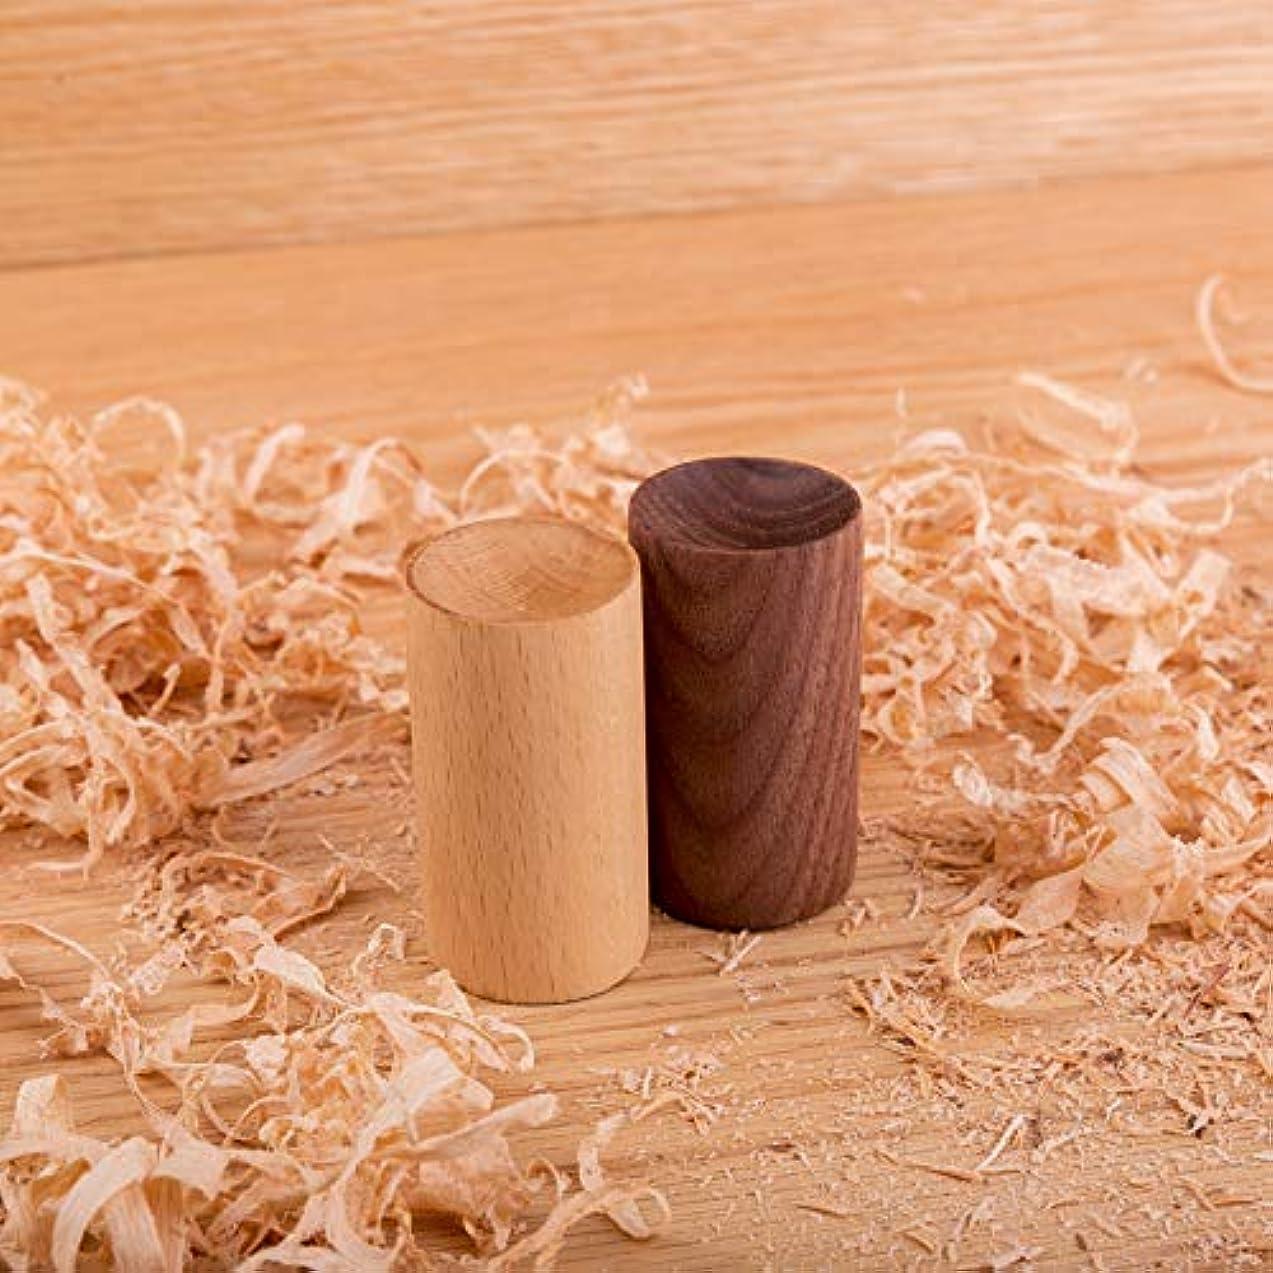 行動失う綺麗な3SLIFEアロマディフューザー オイルホルダー アロマディッシュ木目 アロマ皿 木製アロマポット (クルミ)